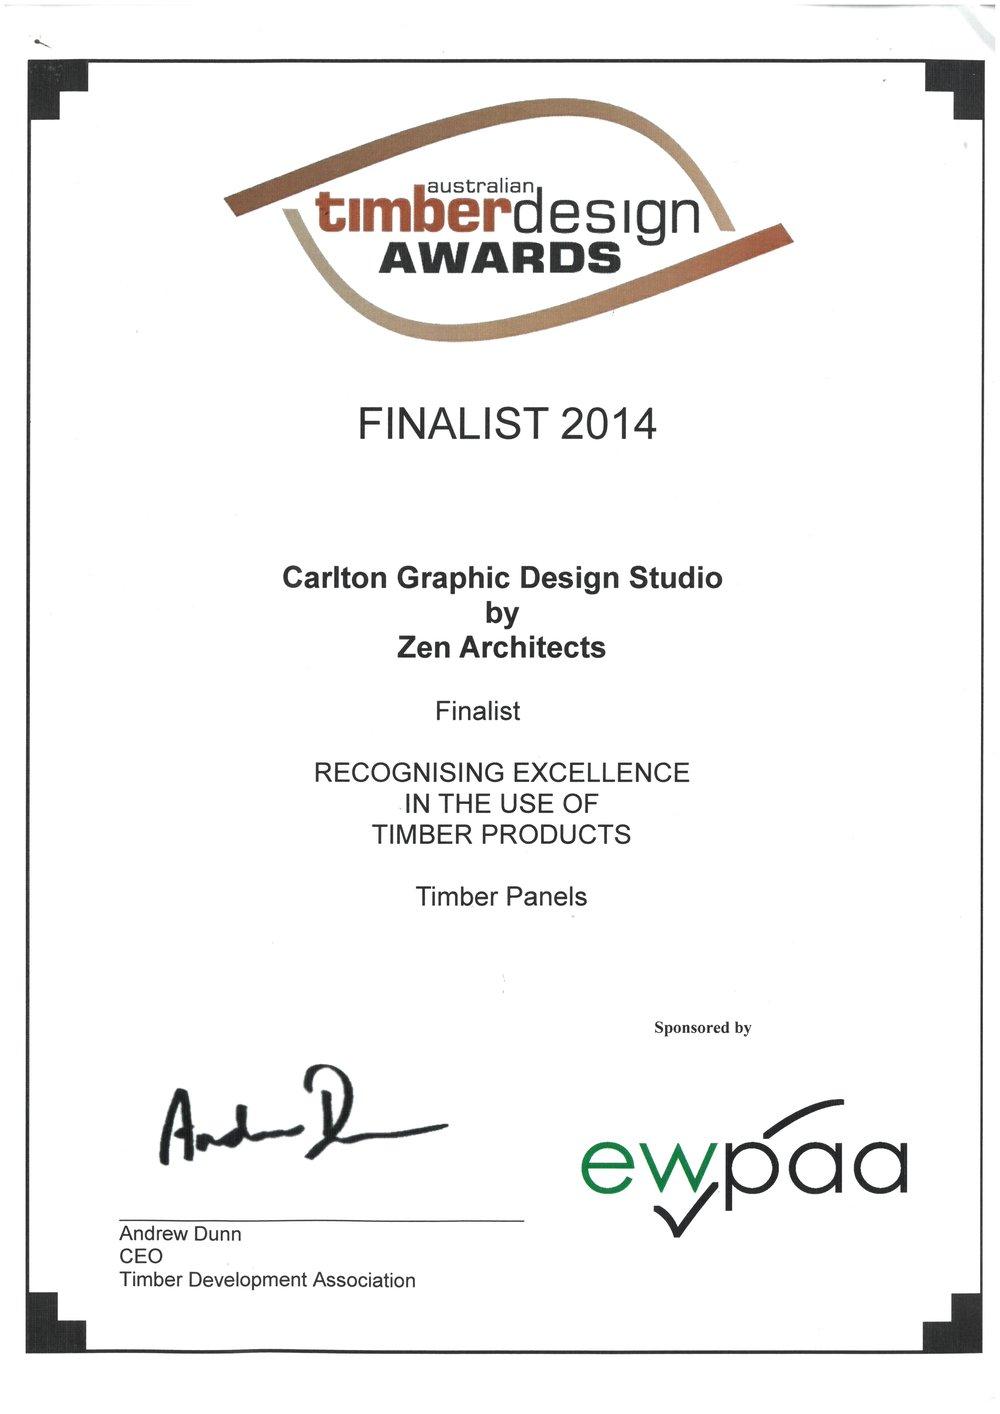 2014_Timber Design Awards_Finalist_Timber Panels.jpg